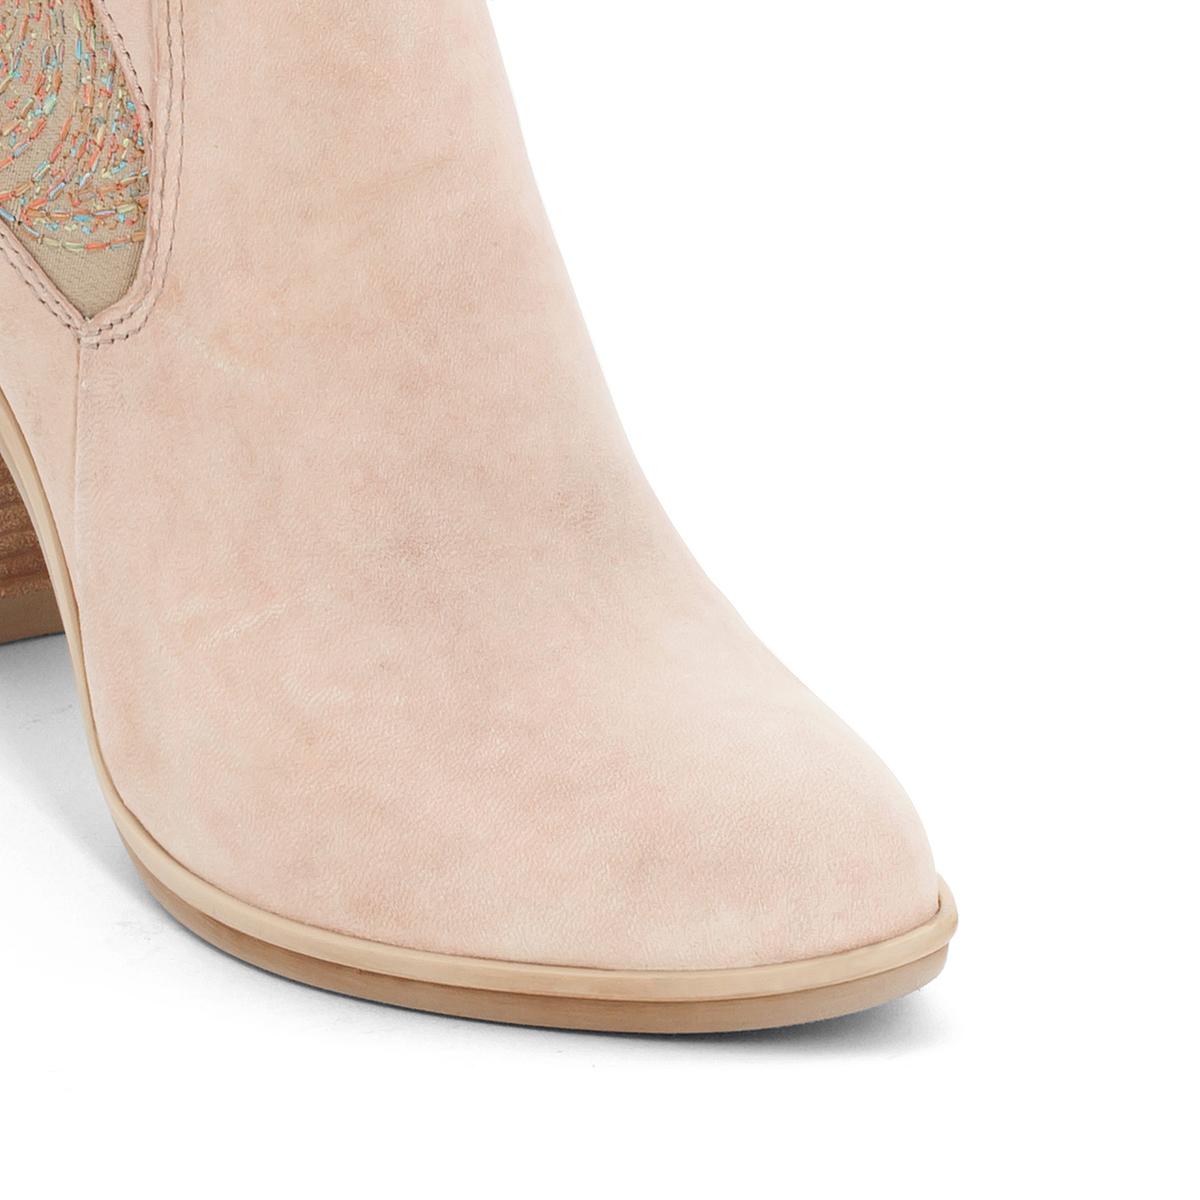 Ботильоны кожаные Melody на каблукеВерх/Голенище: кожа.  Подкладка: кожа.  Стелька: кожа.  Подошва: резина.Высота каблука: 8 см.Форма каблука: широкий каблук.Мысок: закругленный.Застежка: на молнию.<br><br>Цвет: розовая пудра<br>Размер: 36